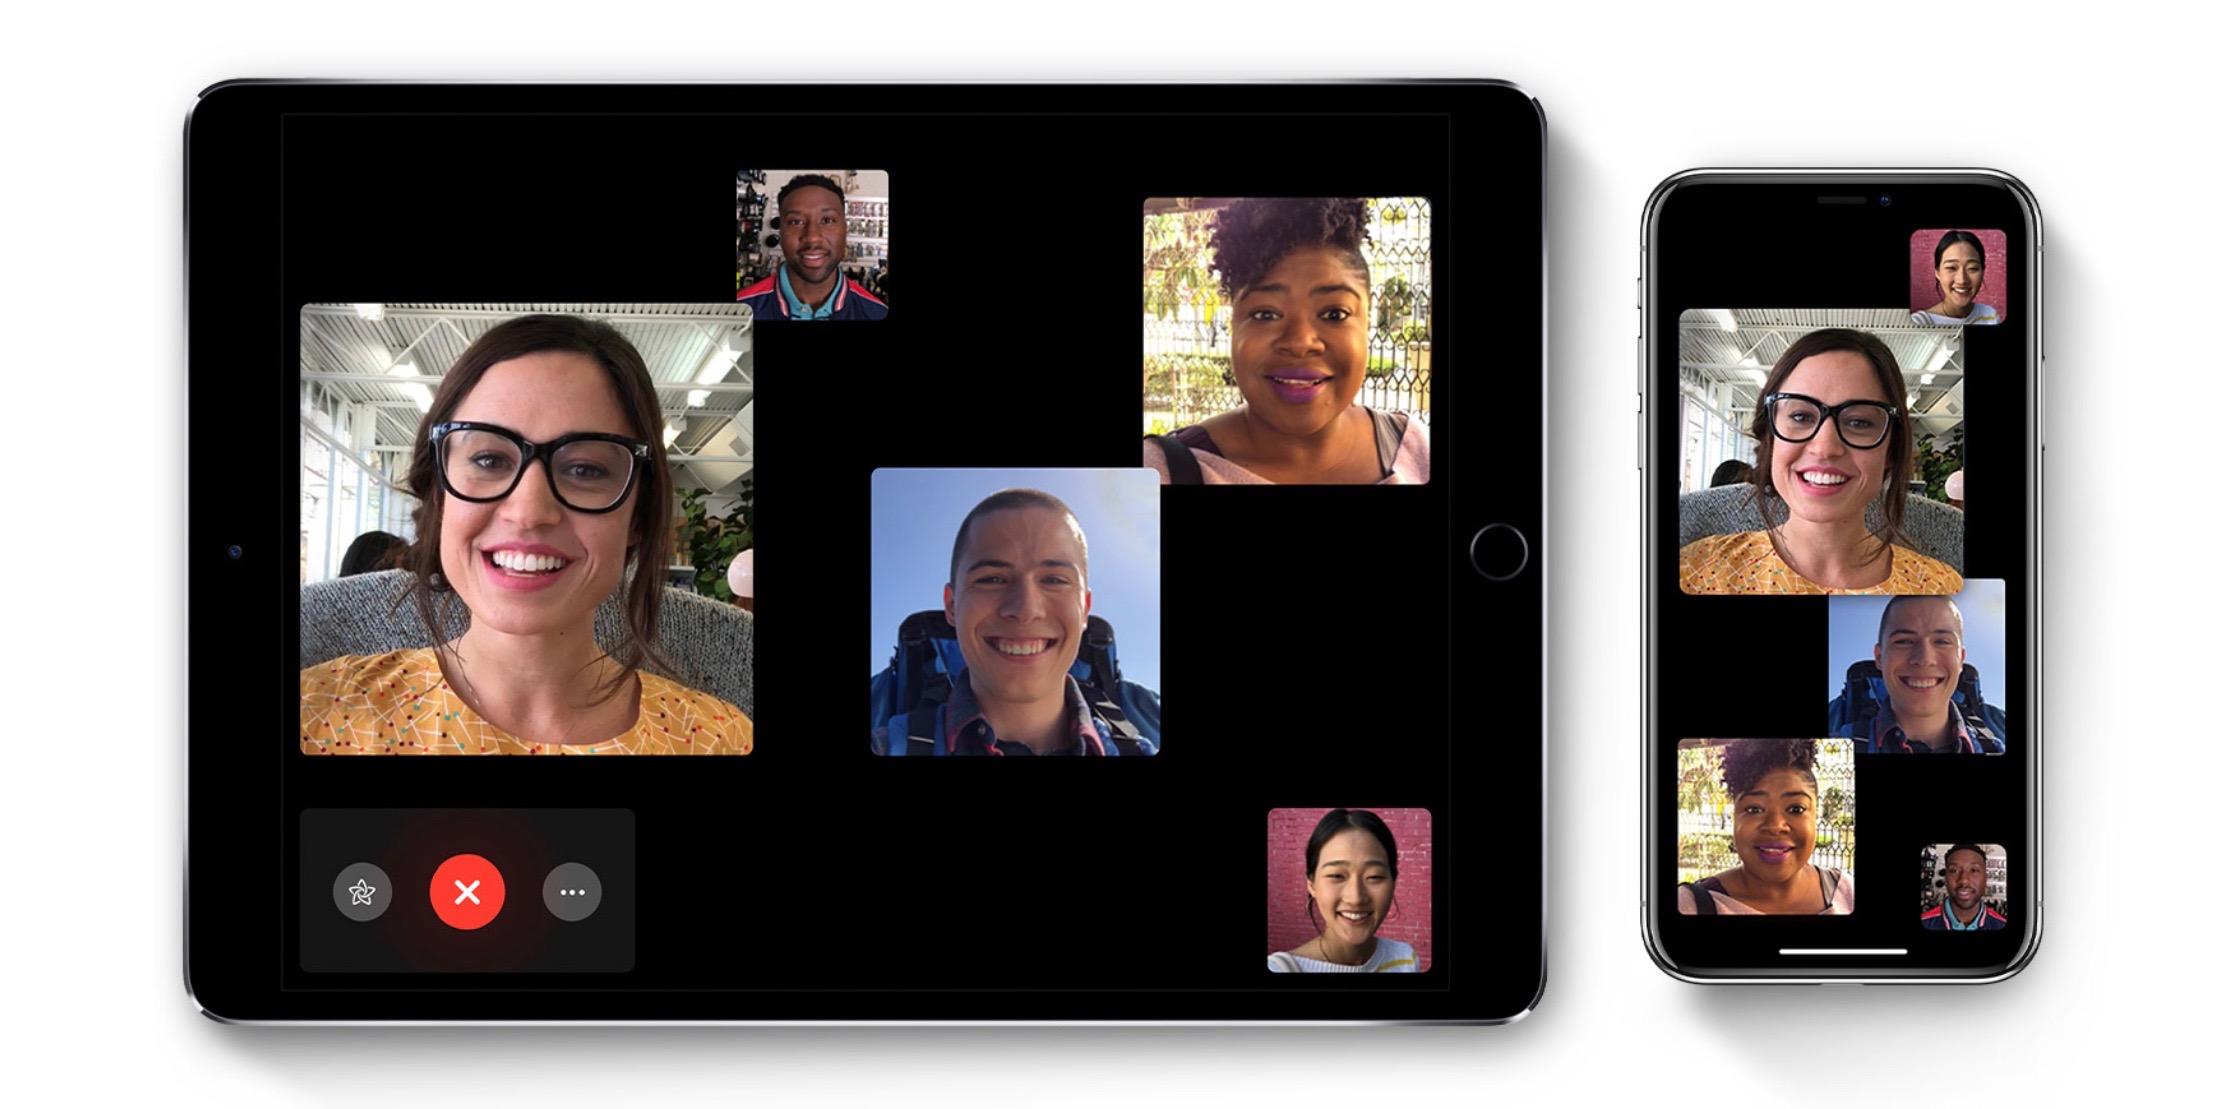 Apple mejora de forma sustancial la calidad de FaceTime